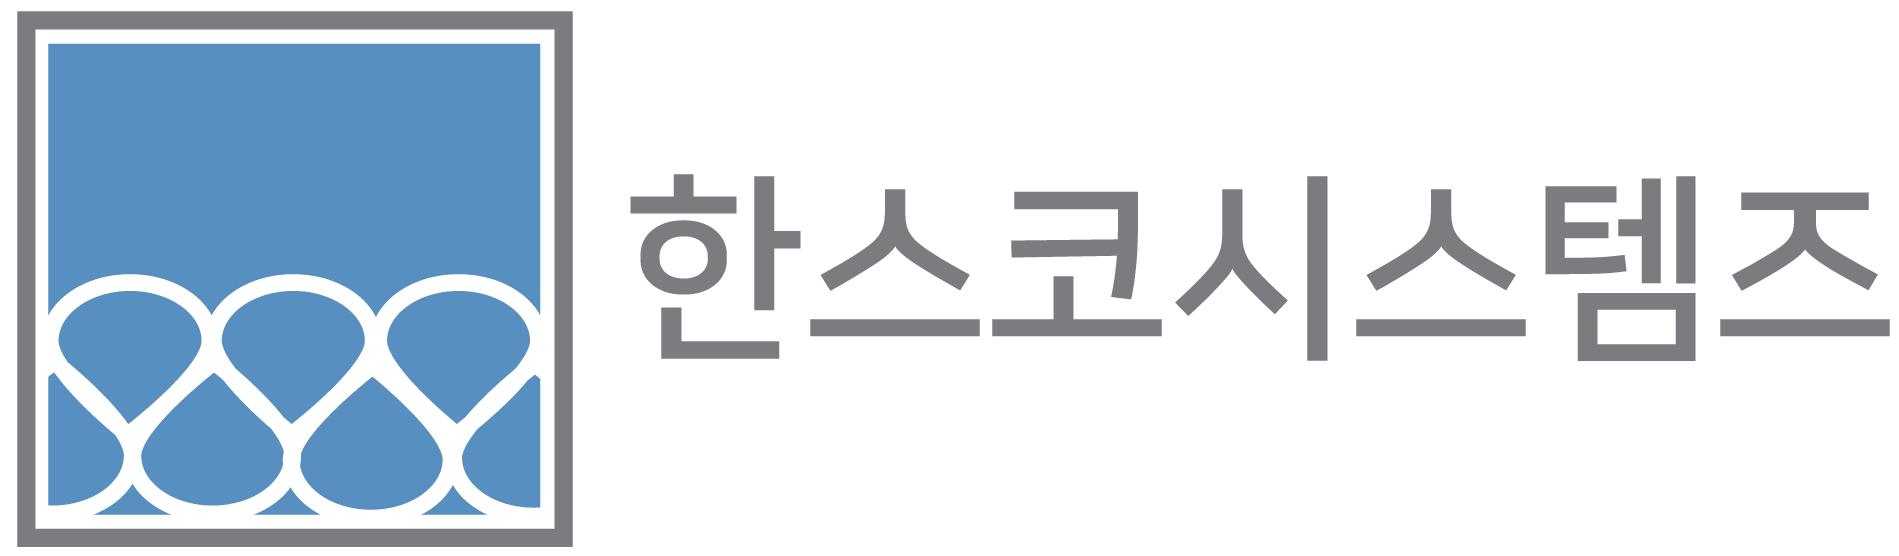 한스코시스템즈 홈페이지